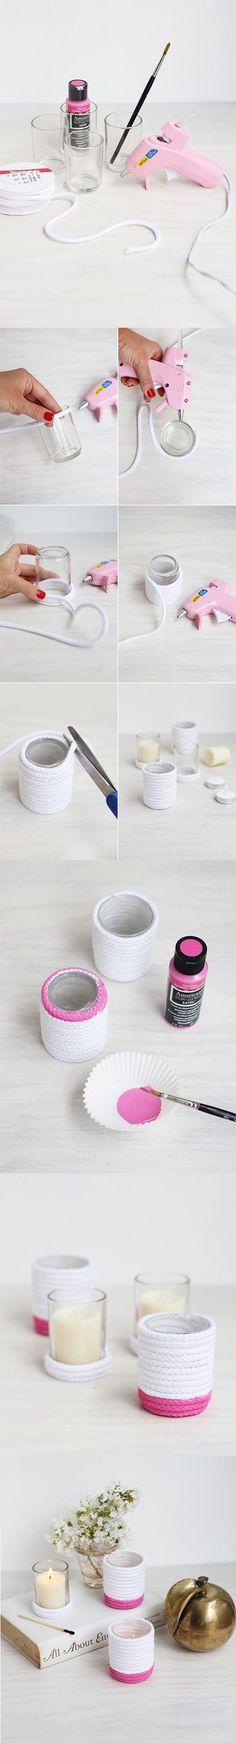 Portavelas decorado con cuerda - freutcake.com - DIY Painted Rope Votives